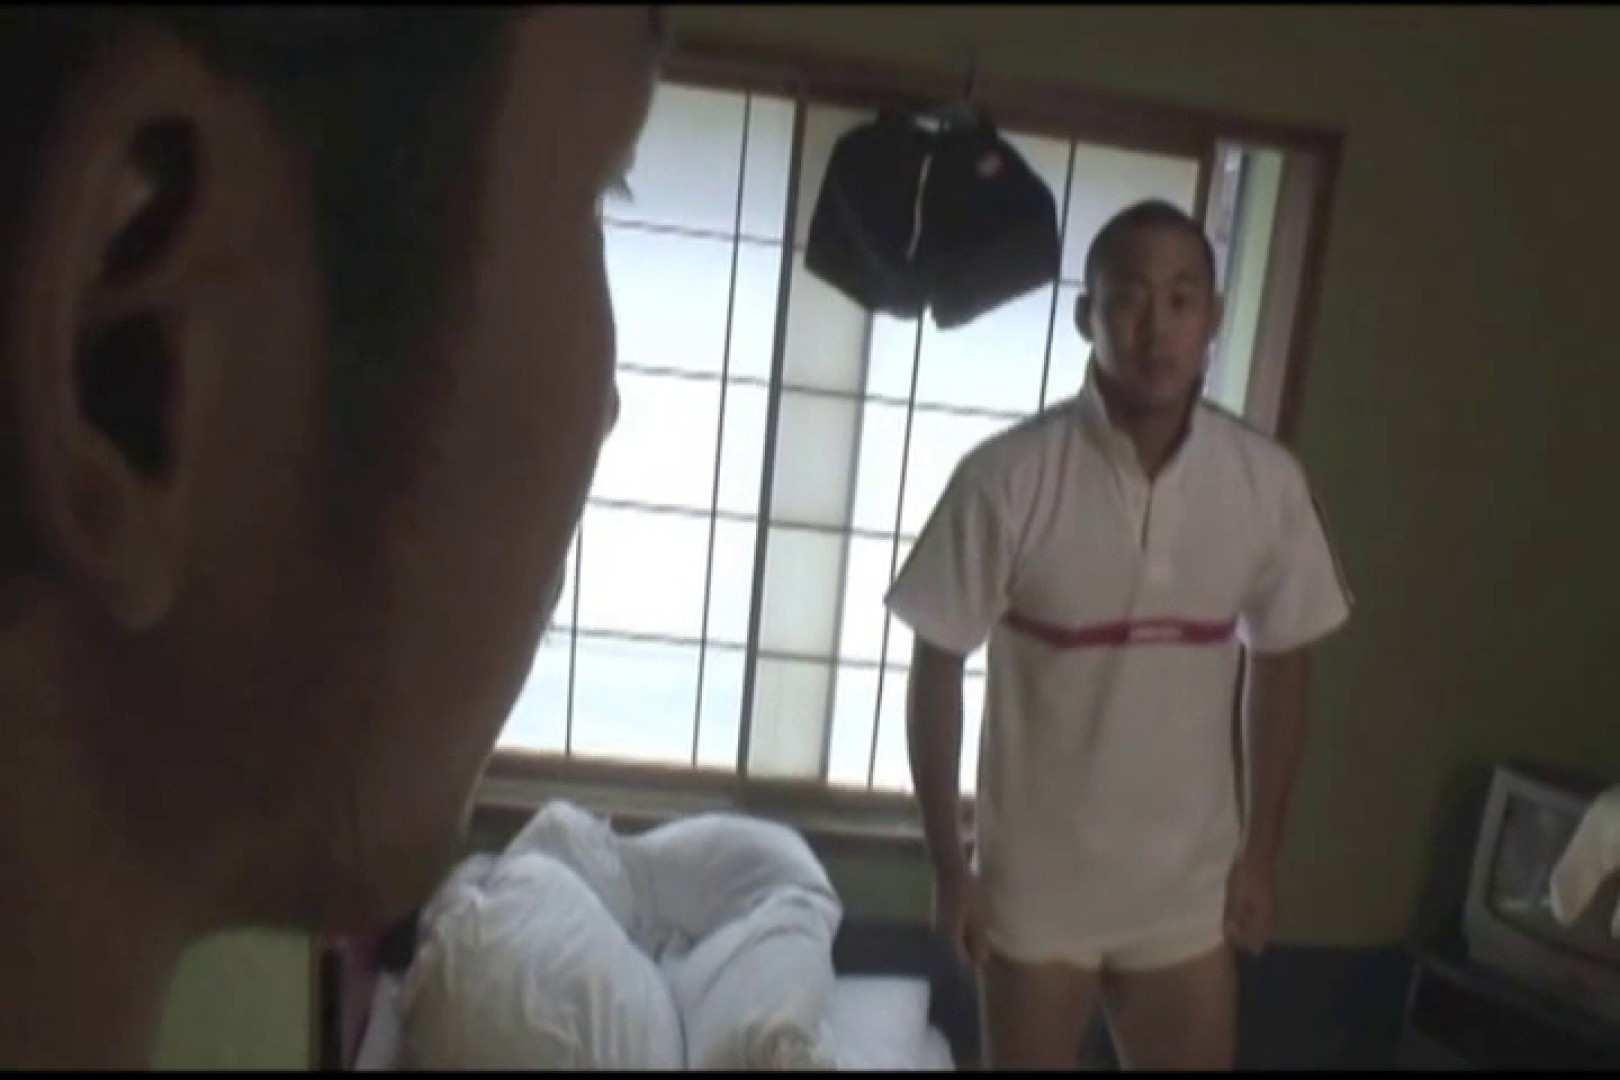 押スッ!体育会系、先輩まじっすか?前編 オナニー専門男子 ゲイ丸見え画像 52画像 22